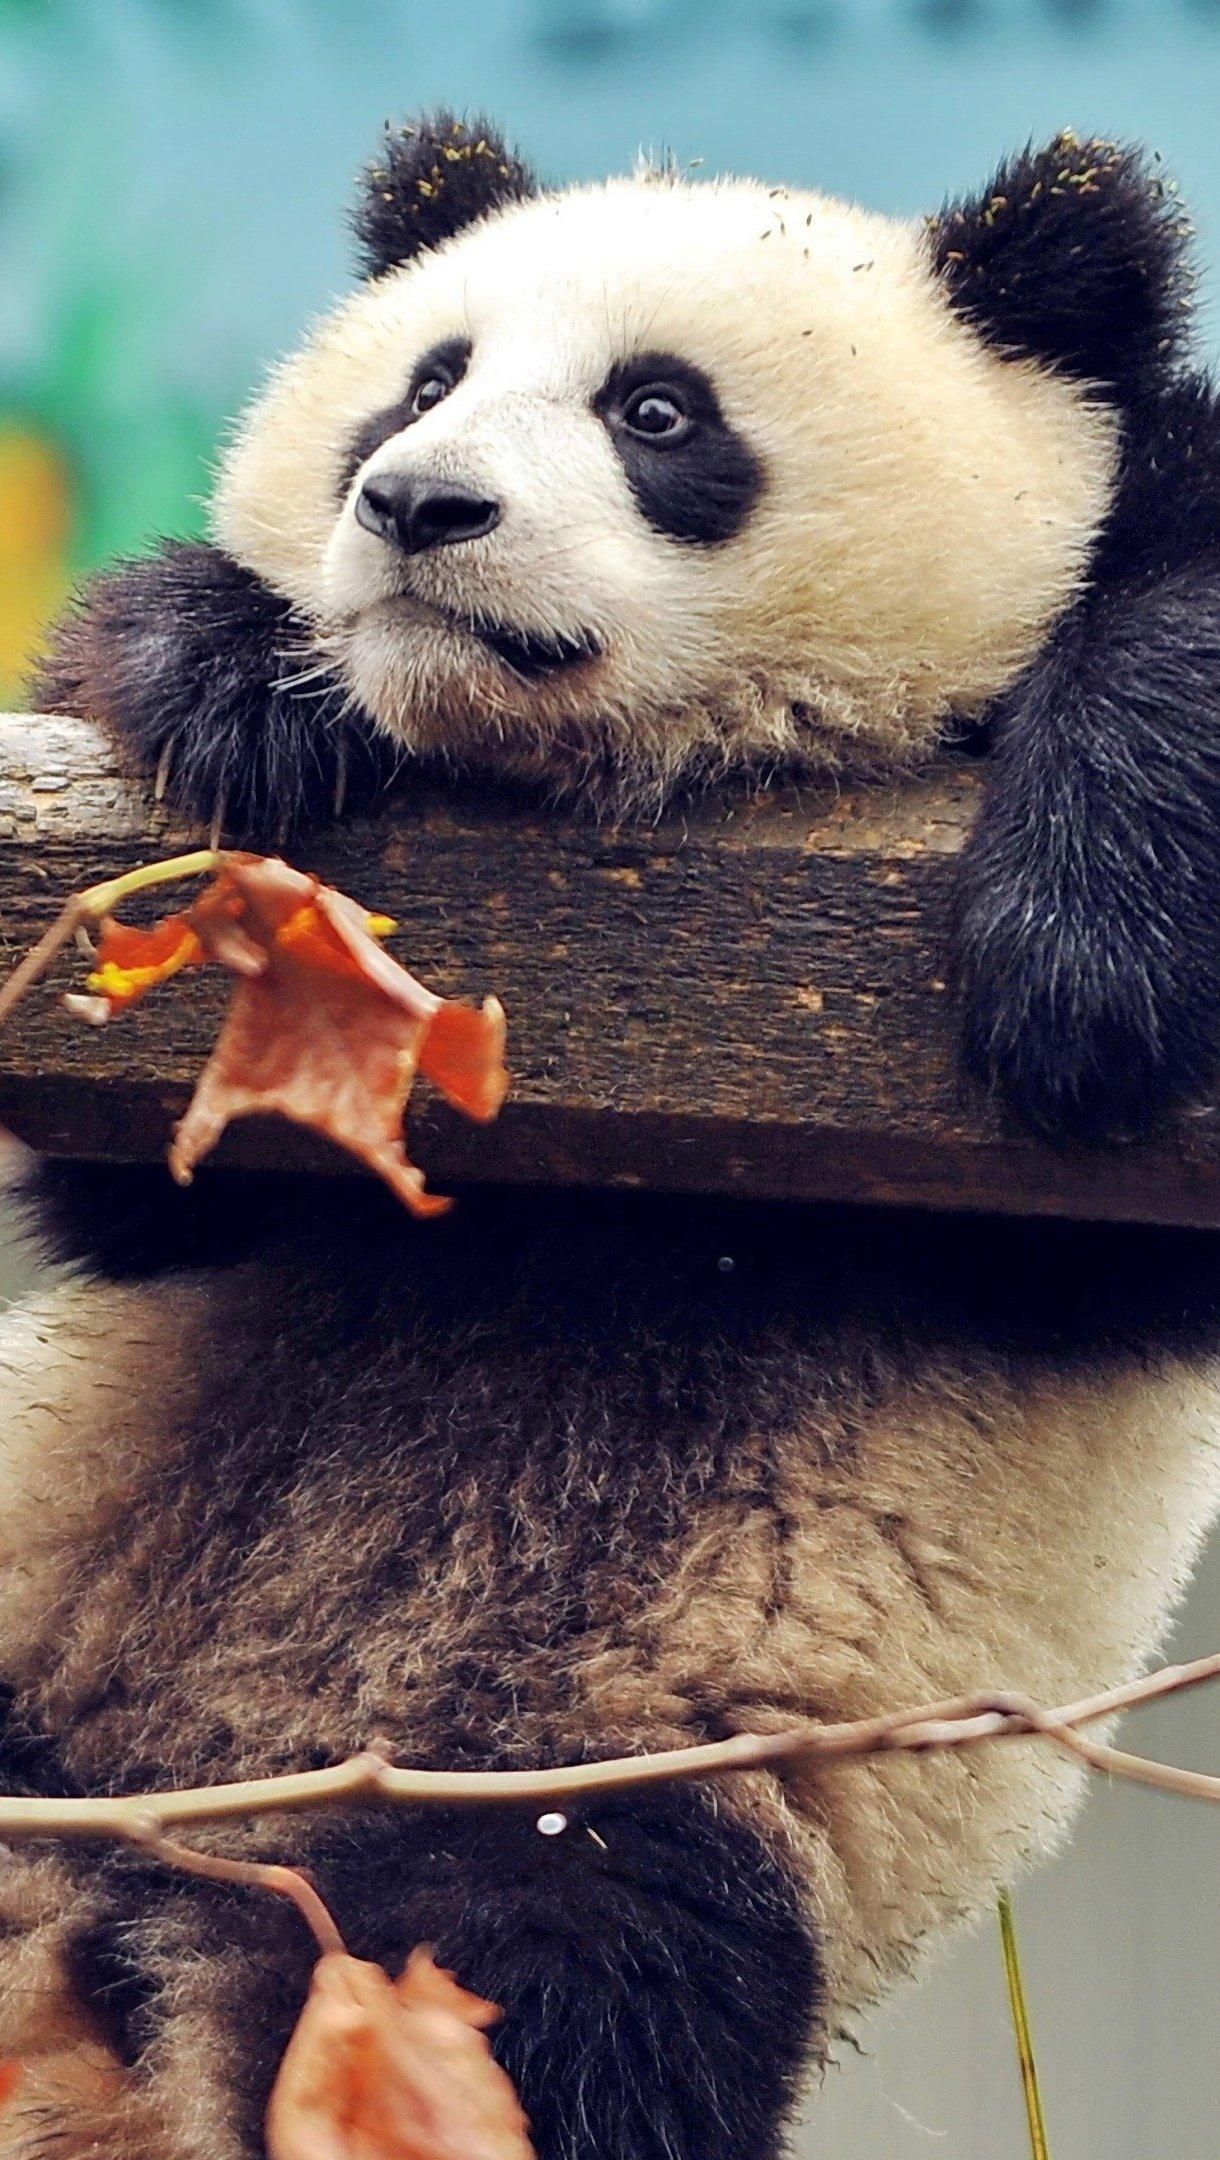 Fondos de pantalla Panda agarrado de una rama Vertical